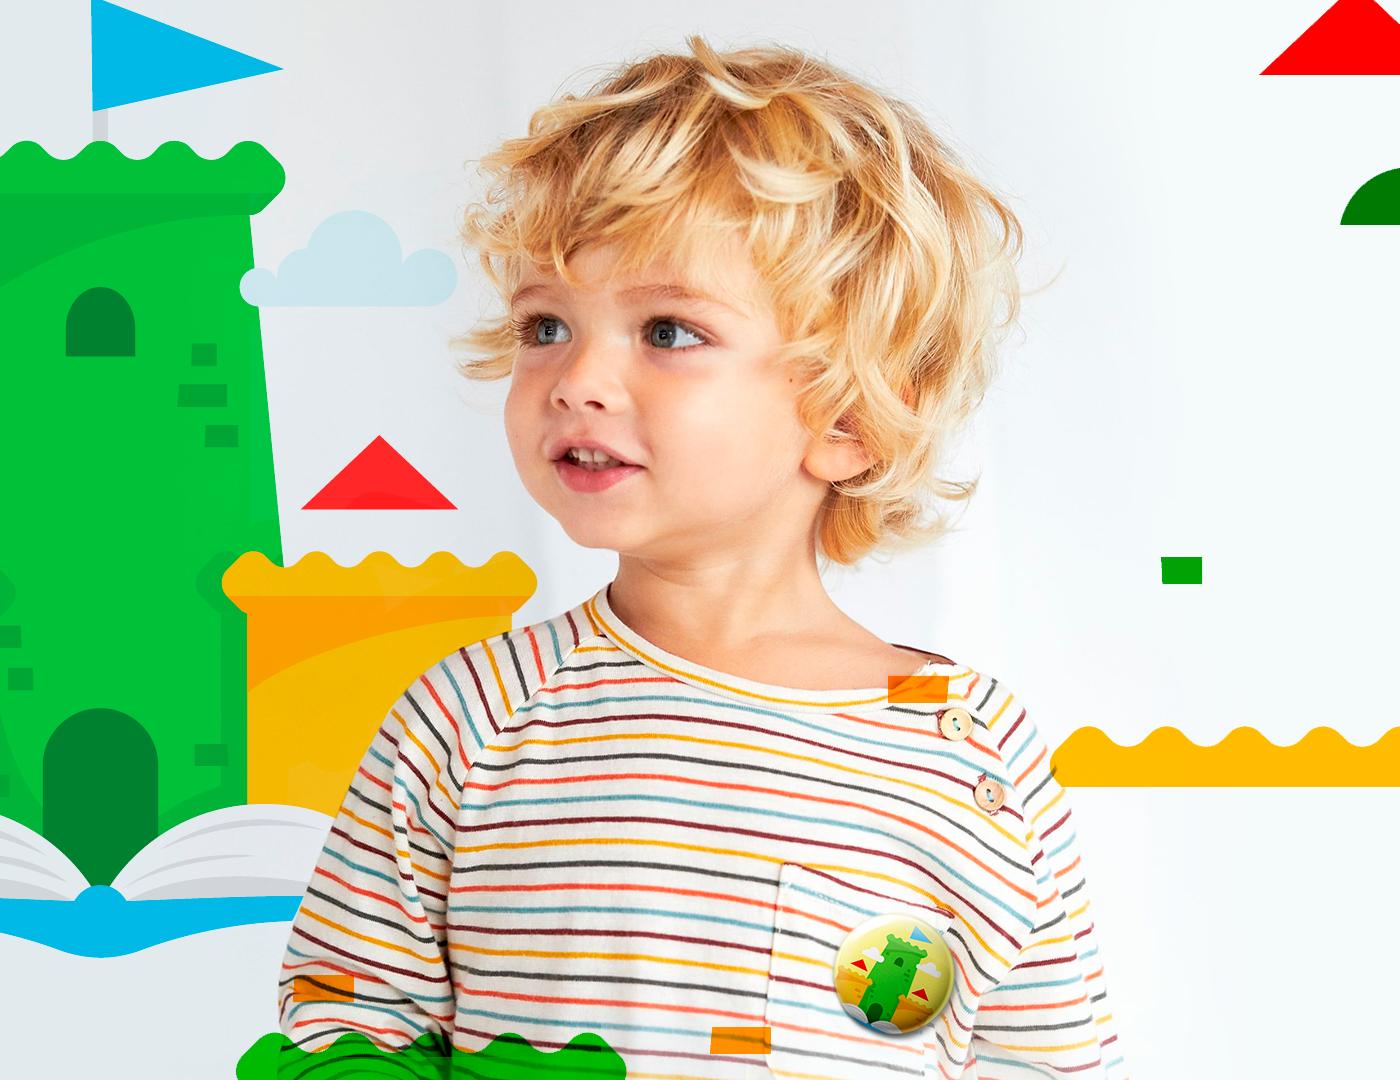 kindergarten ЛОГОТИП ДЕТСКОГО САДА ФИРМЕННЫЙ СТИЛЬ ДЕТСКОГО ЛОГОТИП ДЕТСКИЙ ЛОГОТИП ДЕТСКОГО ЦЕНТРА логотип Киев логотип детского магазина графический дизайнер kindergarten logo Kids Logo